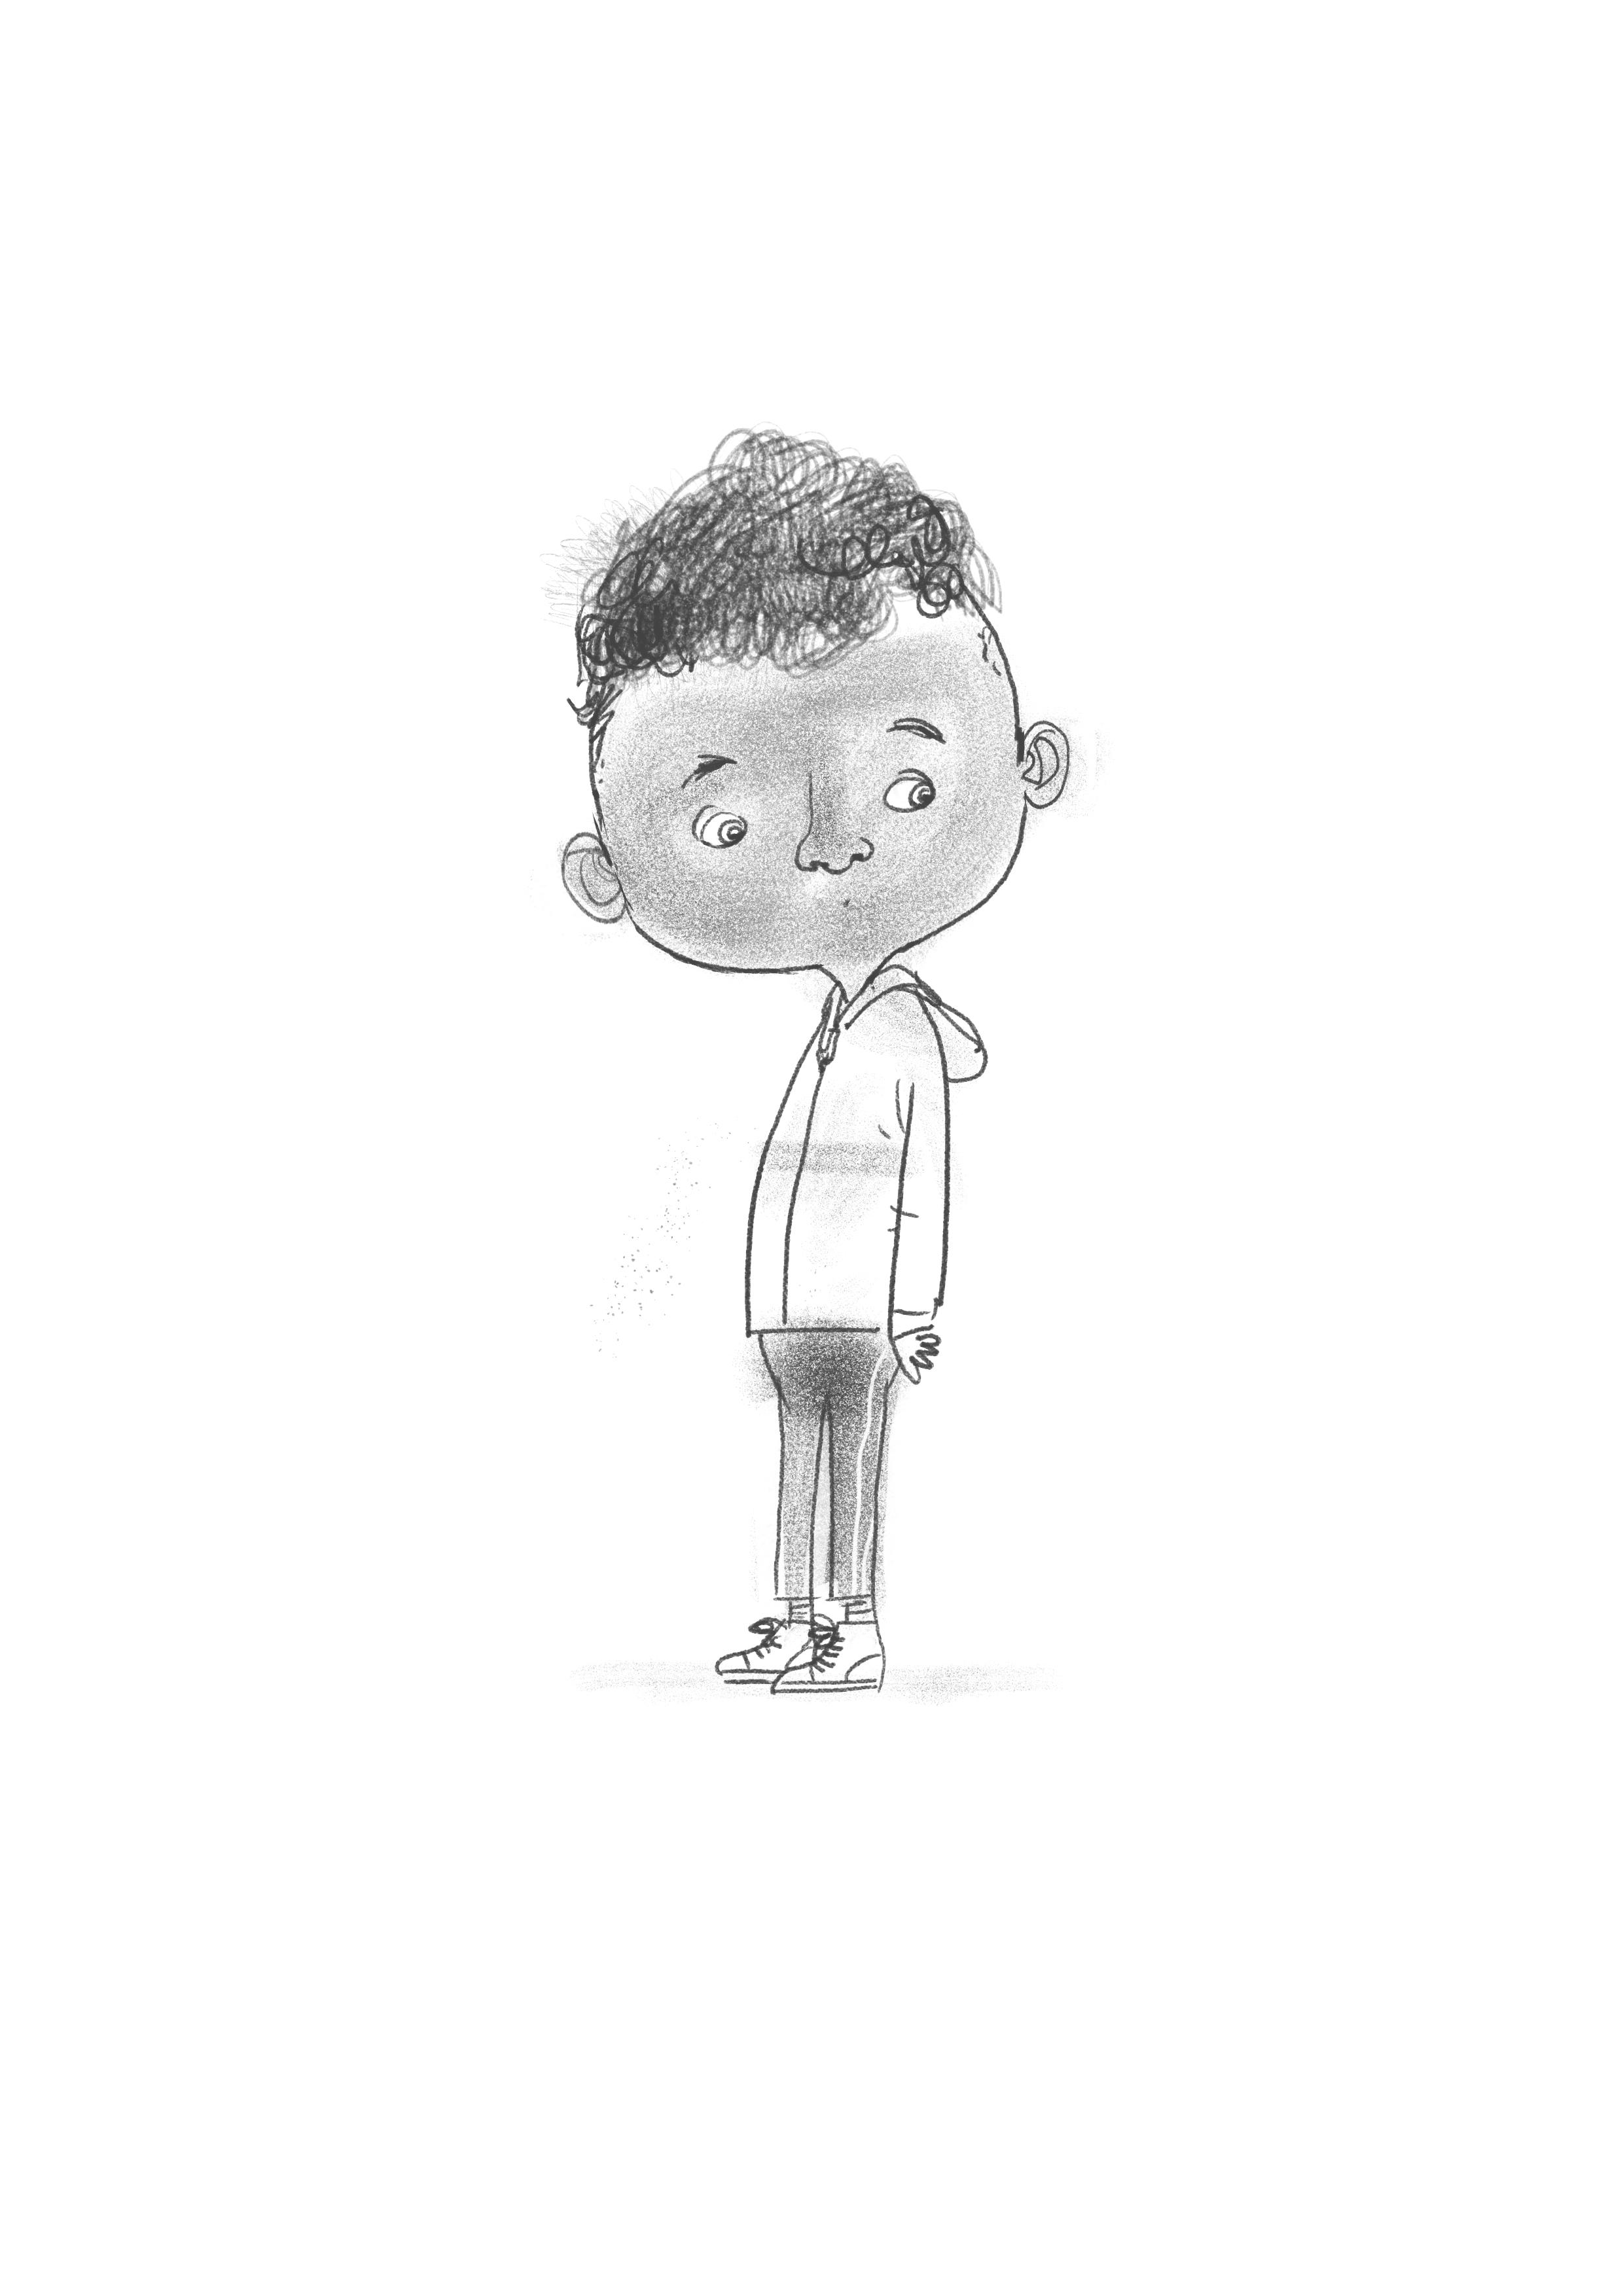 character design3.jpg